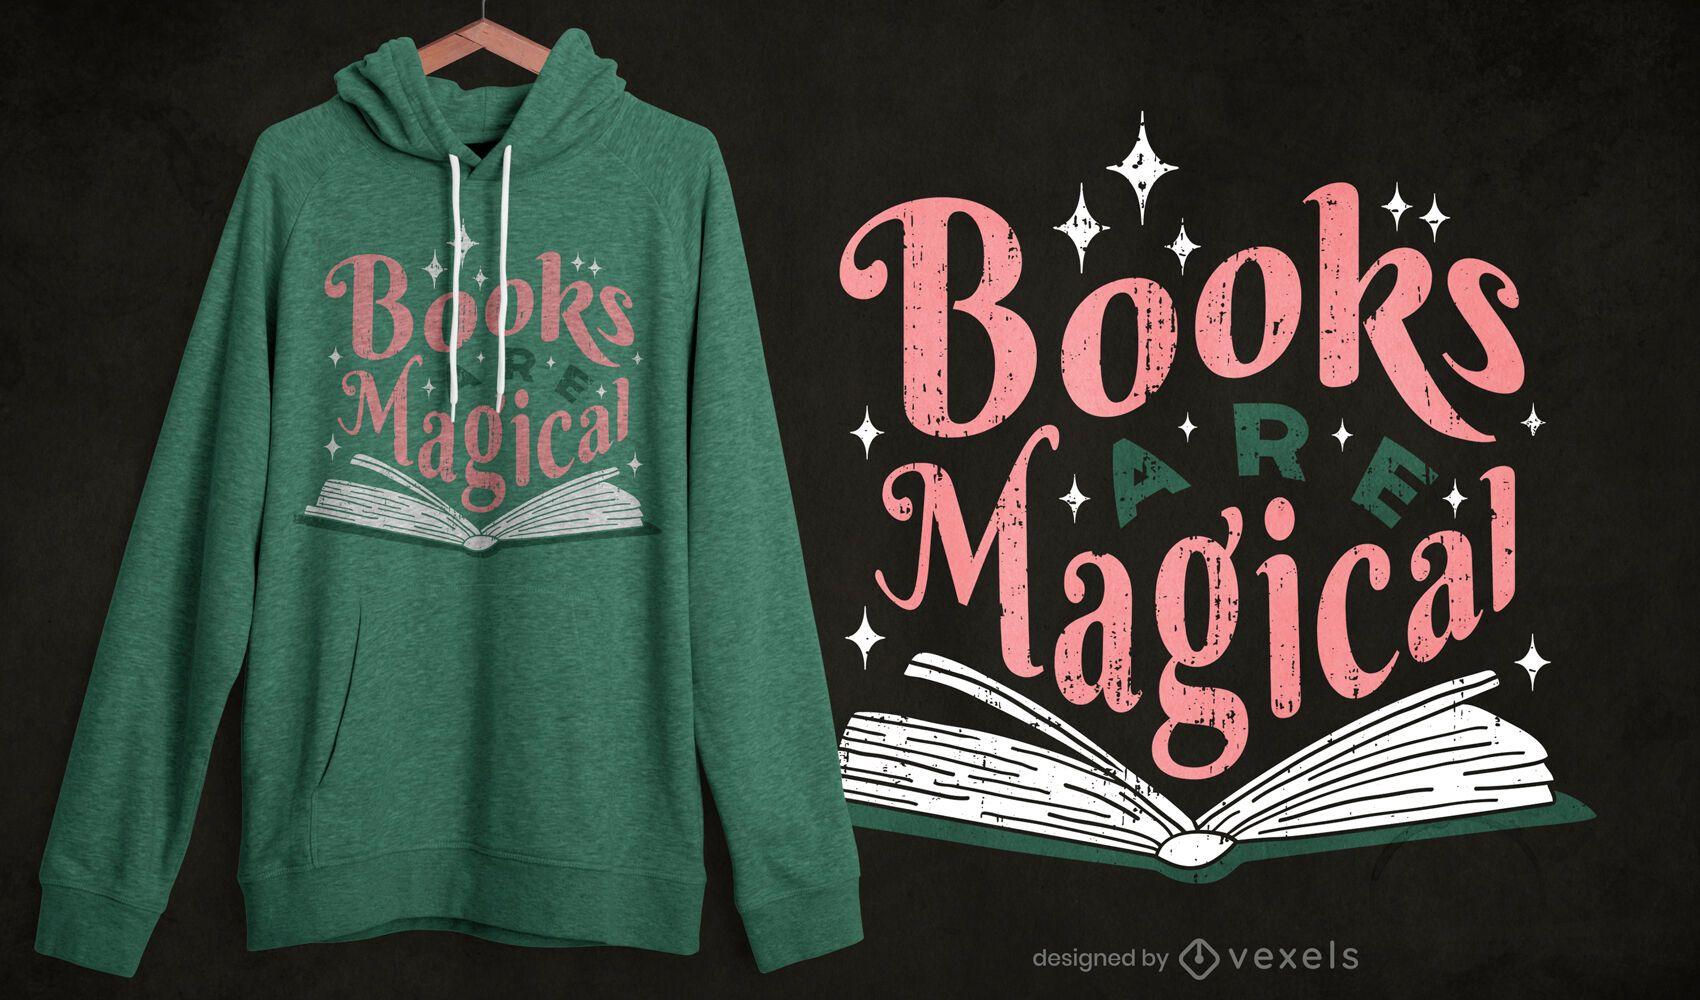 Livros são designs de camisetas mágicos